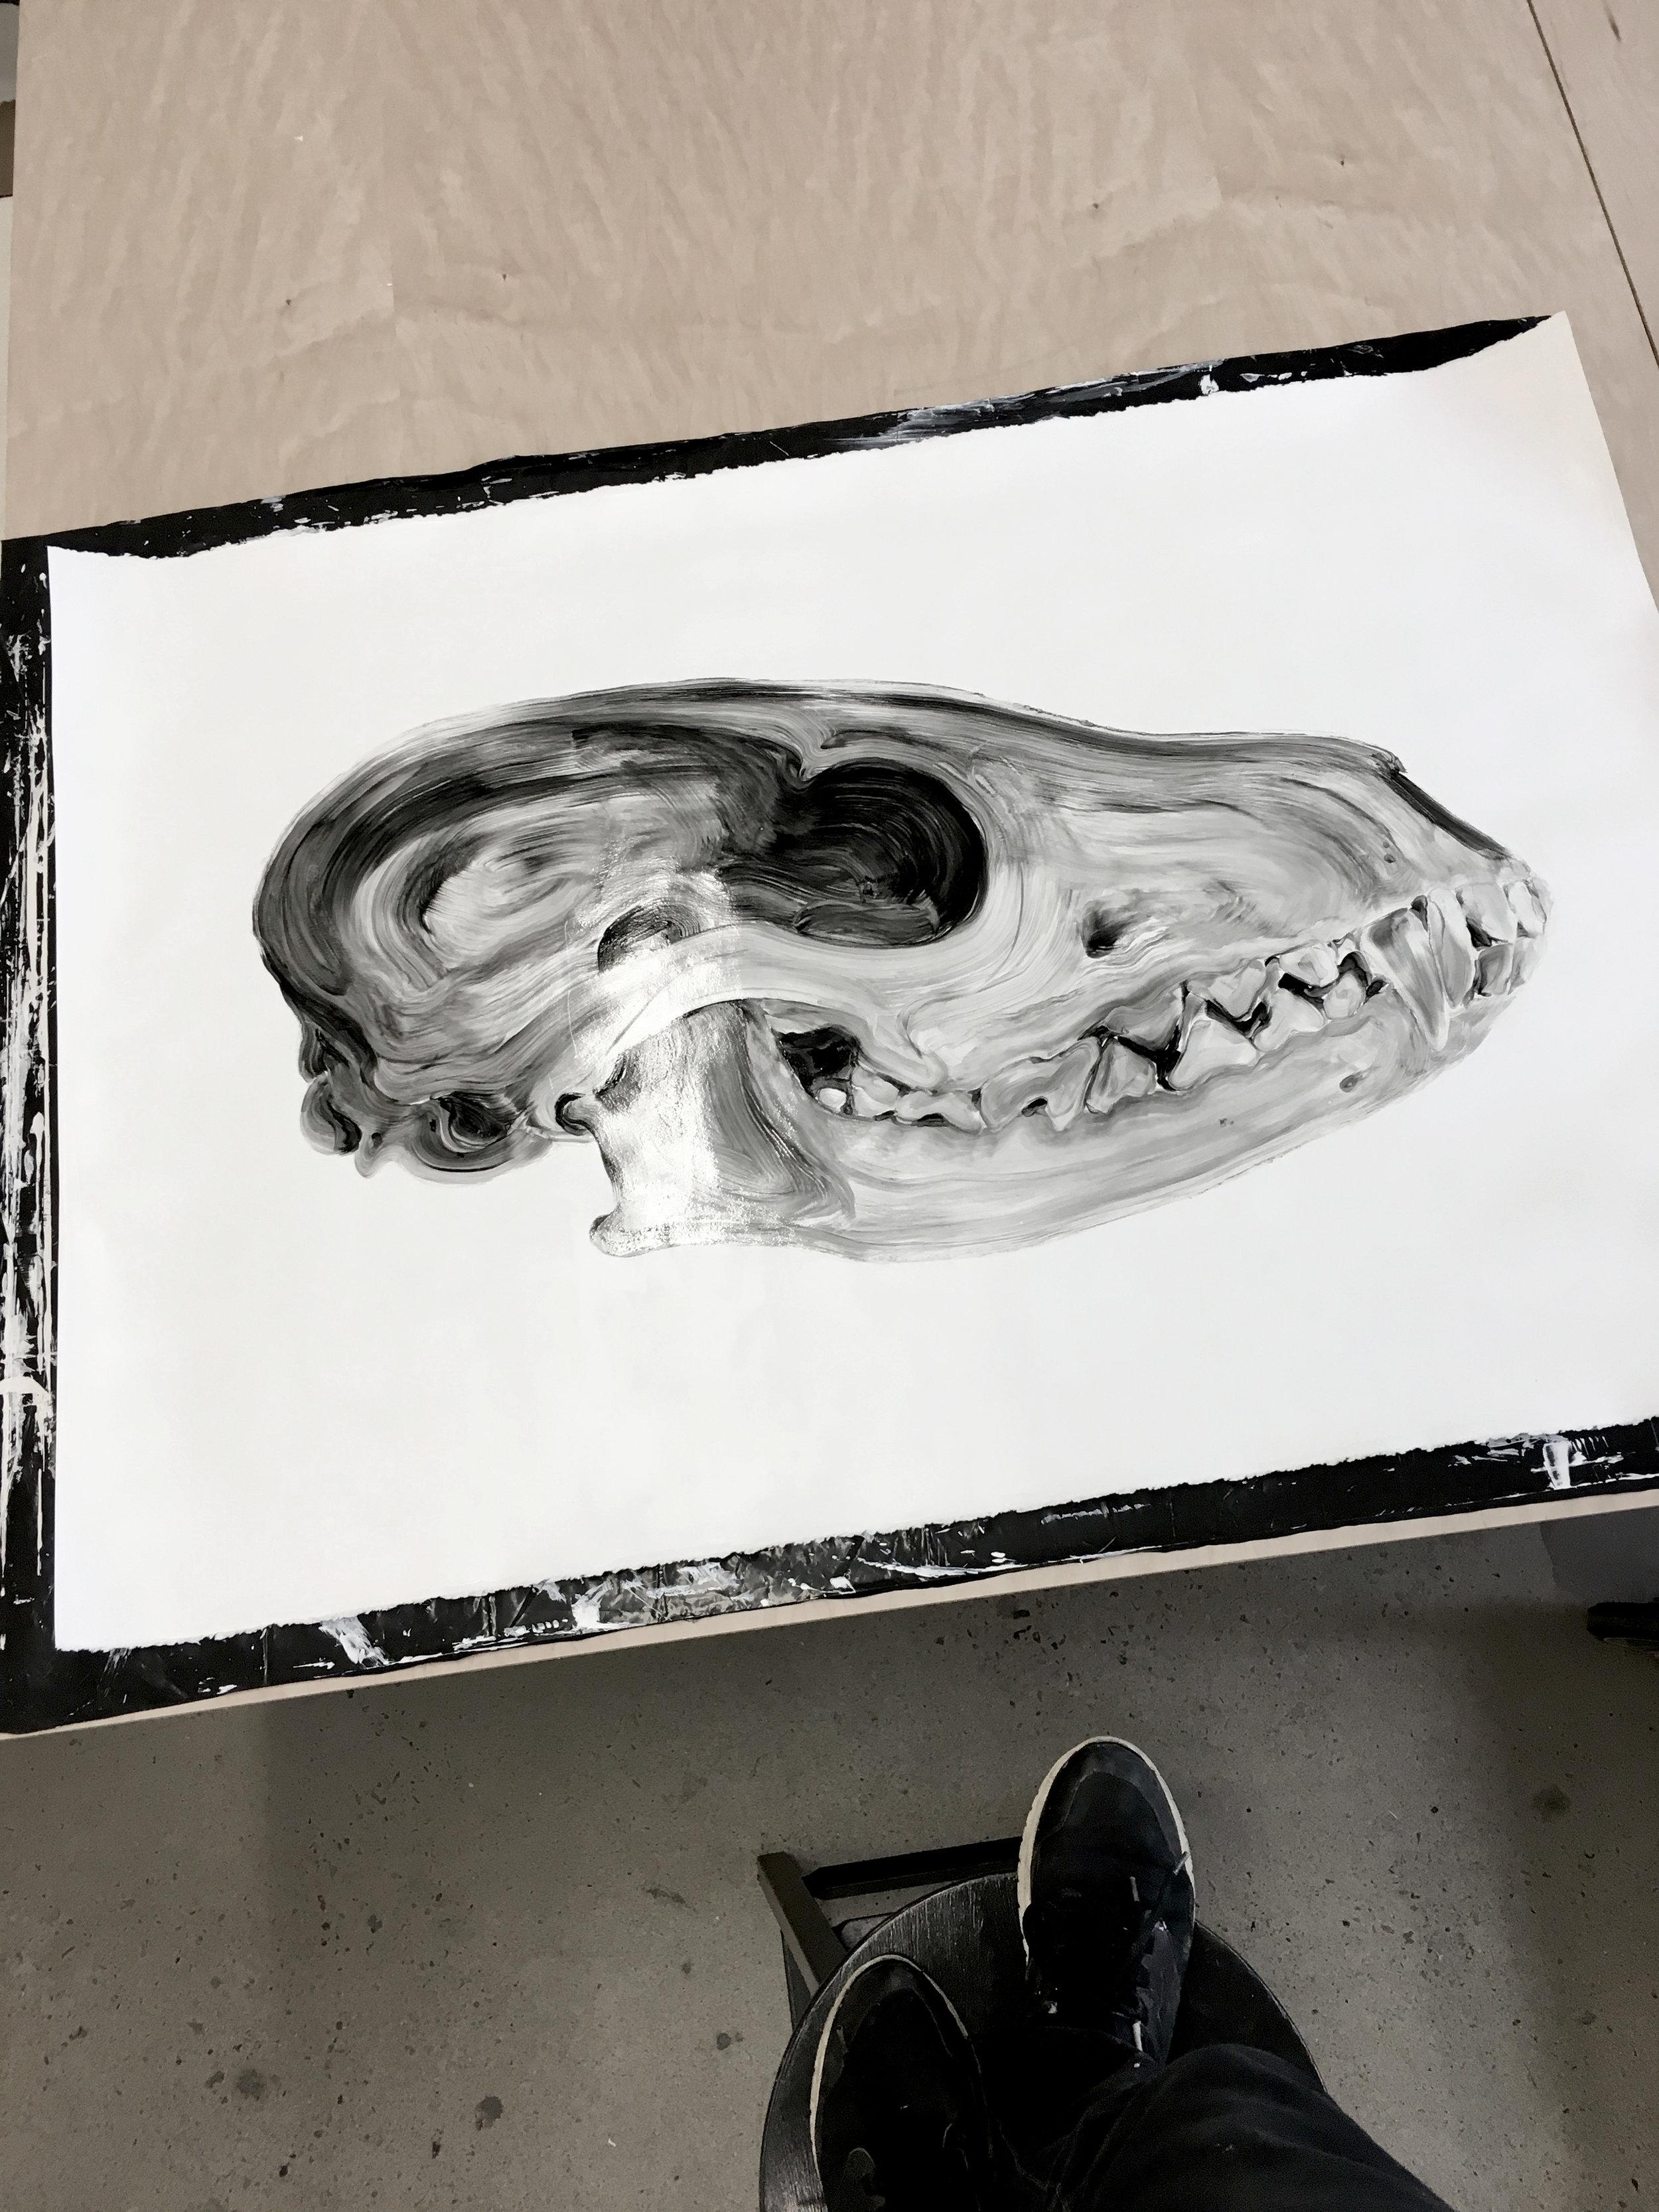 Crâne d'un renard  Huile sur papier